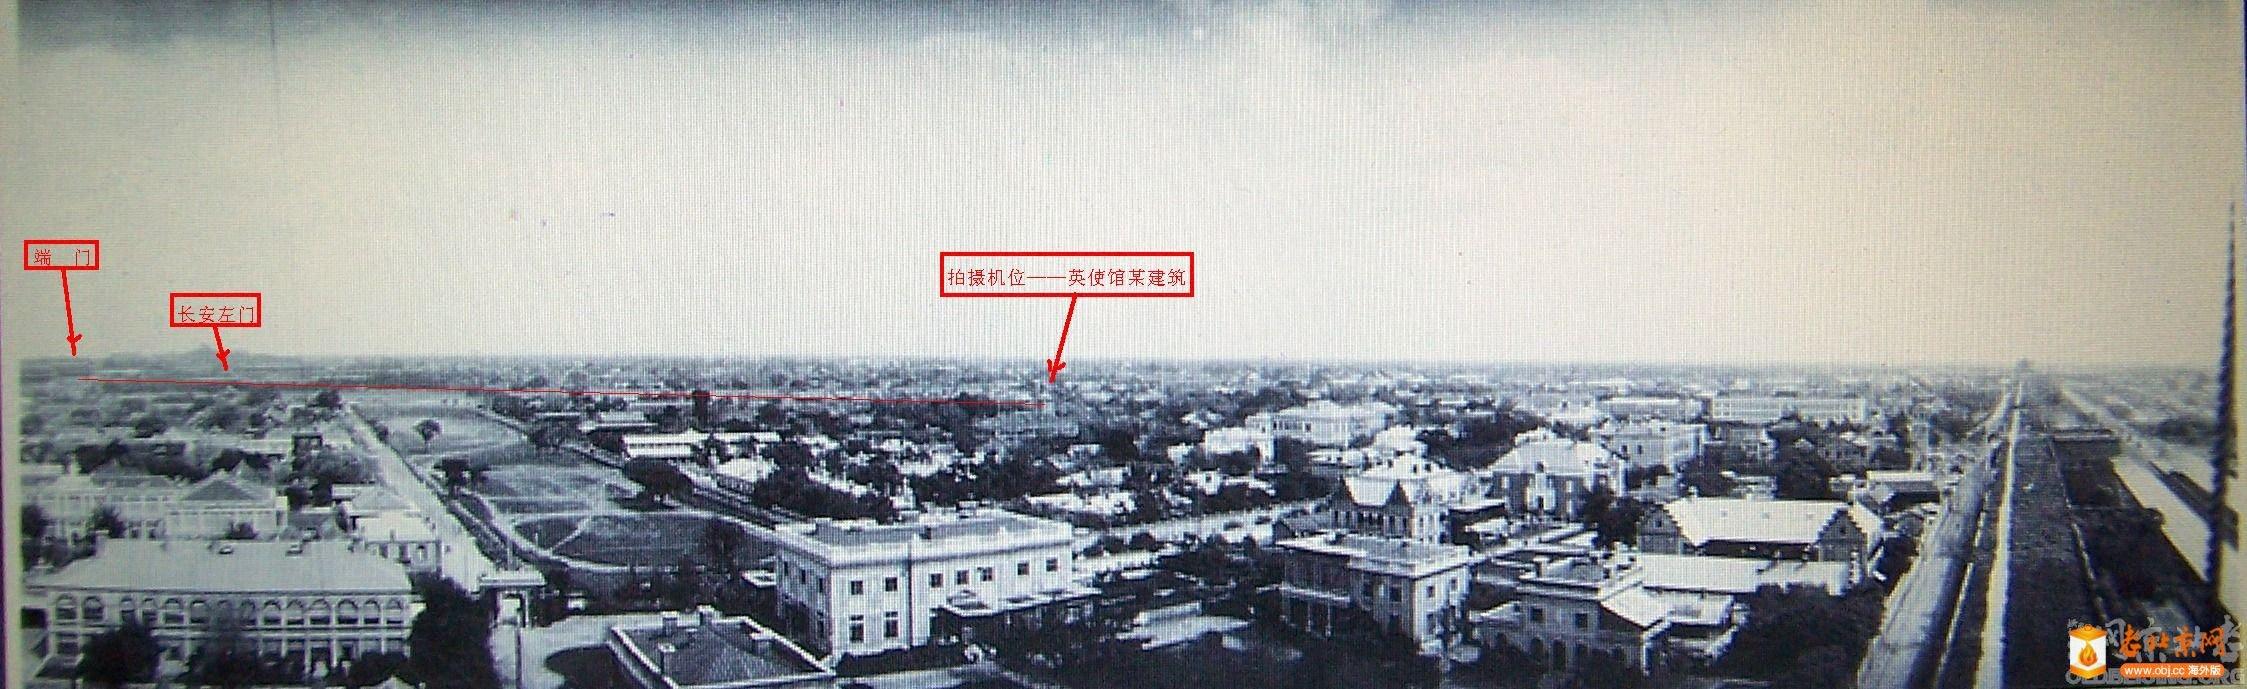 图989.的拍摄机位示意图.jpg